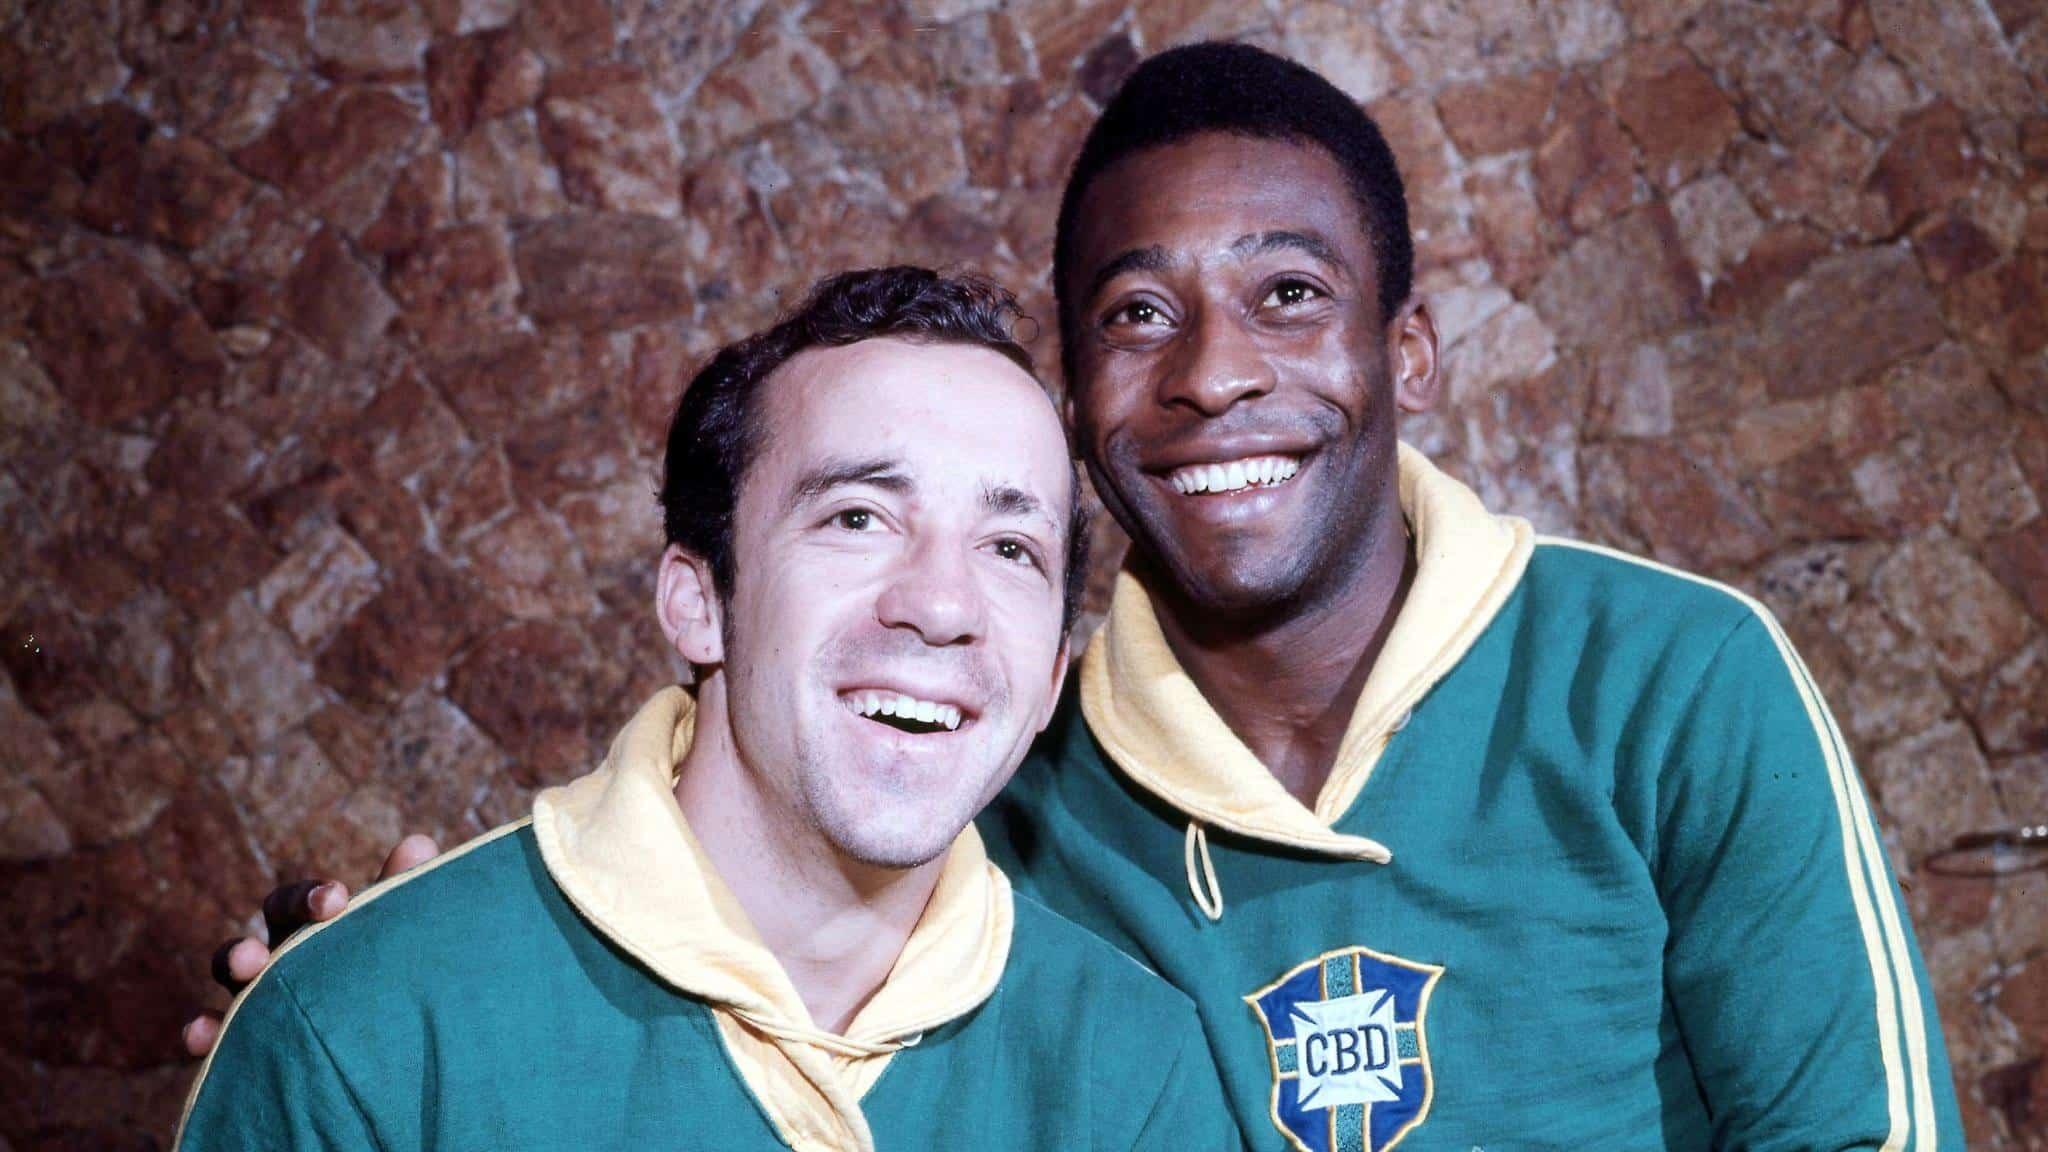 Copa Mundial de la FIFA 1970 - Noticias - Tostao: Maradona, Messi y Cristiano no estaban al nivel de Pelé